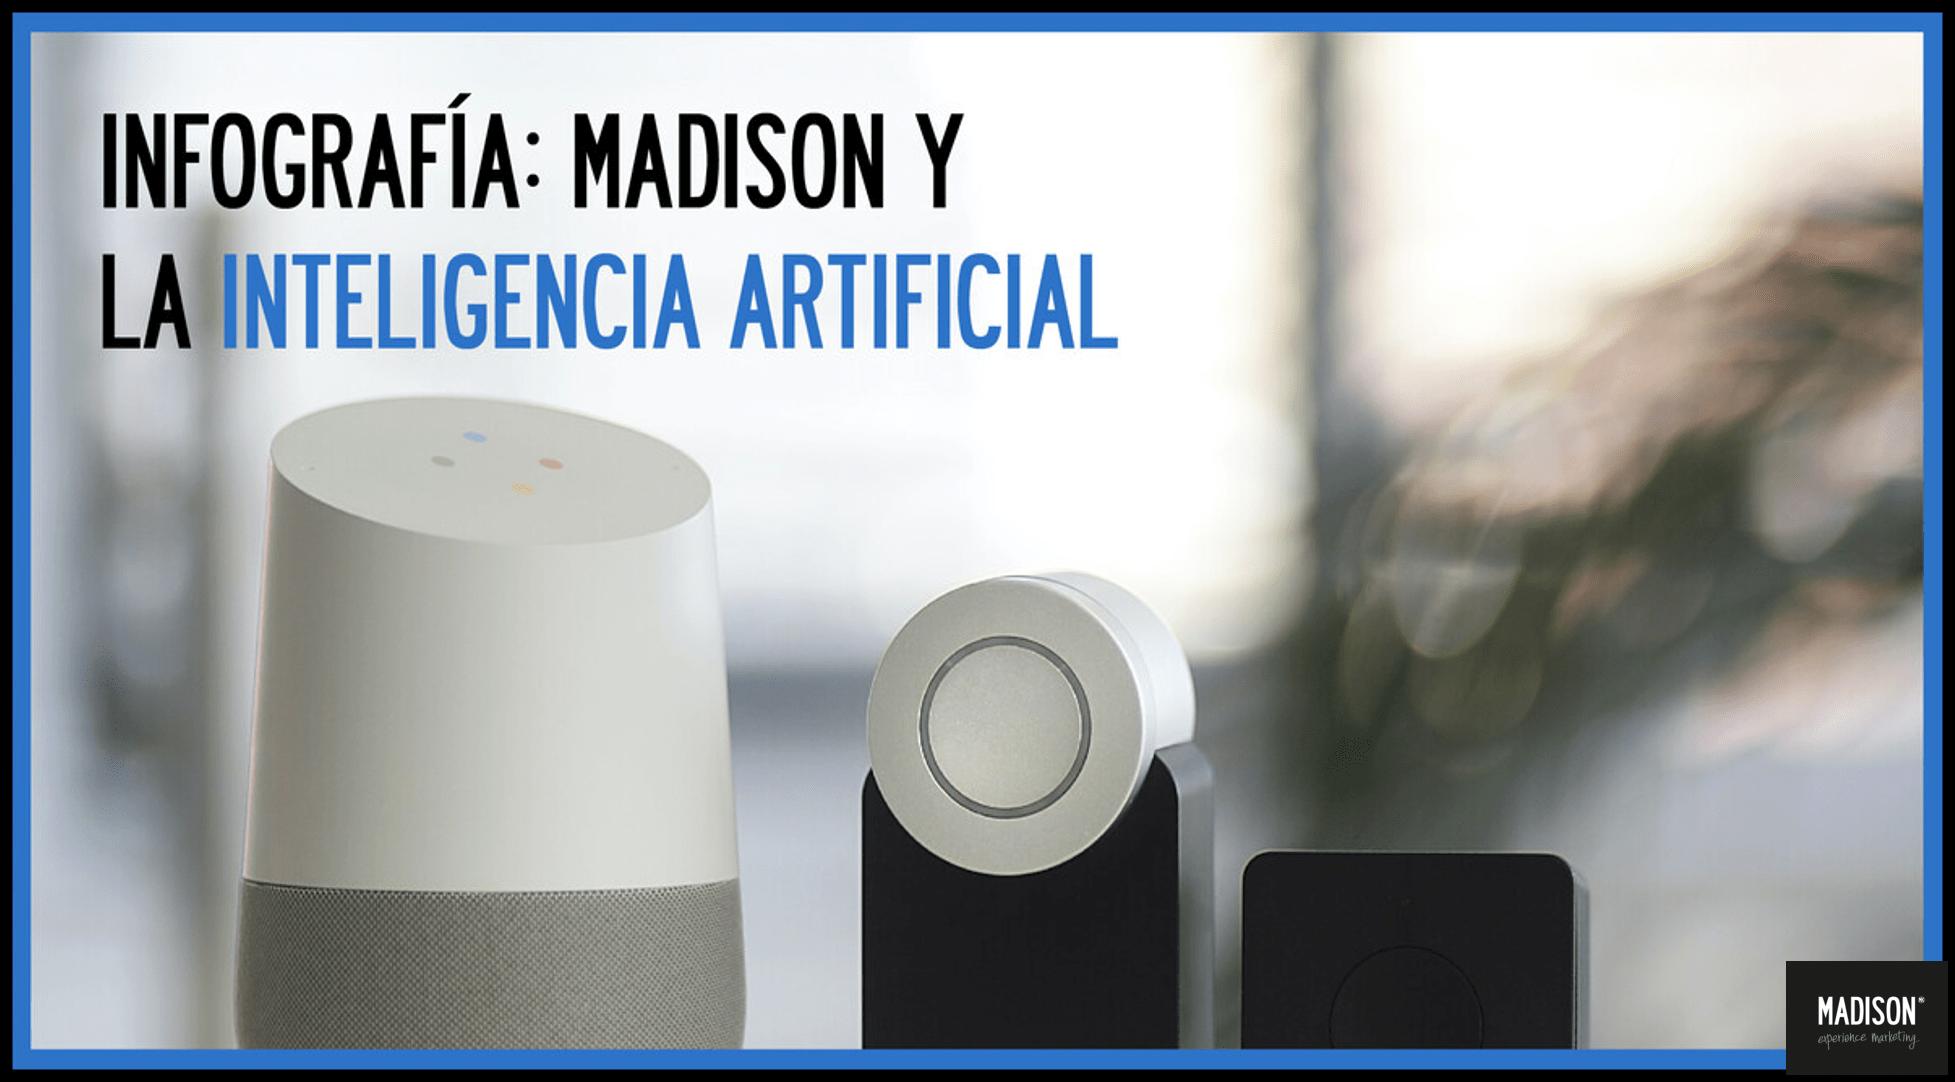 inteligencia artificial contact center madison